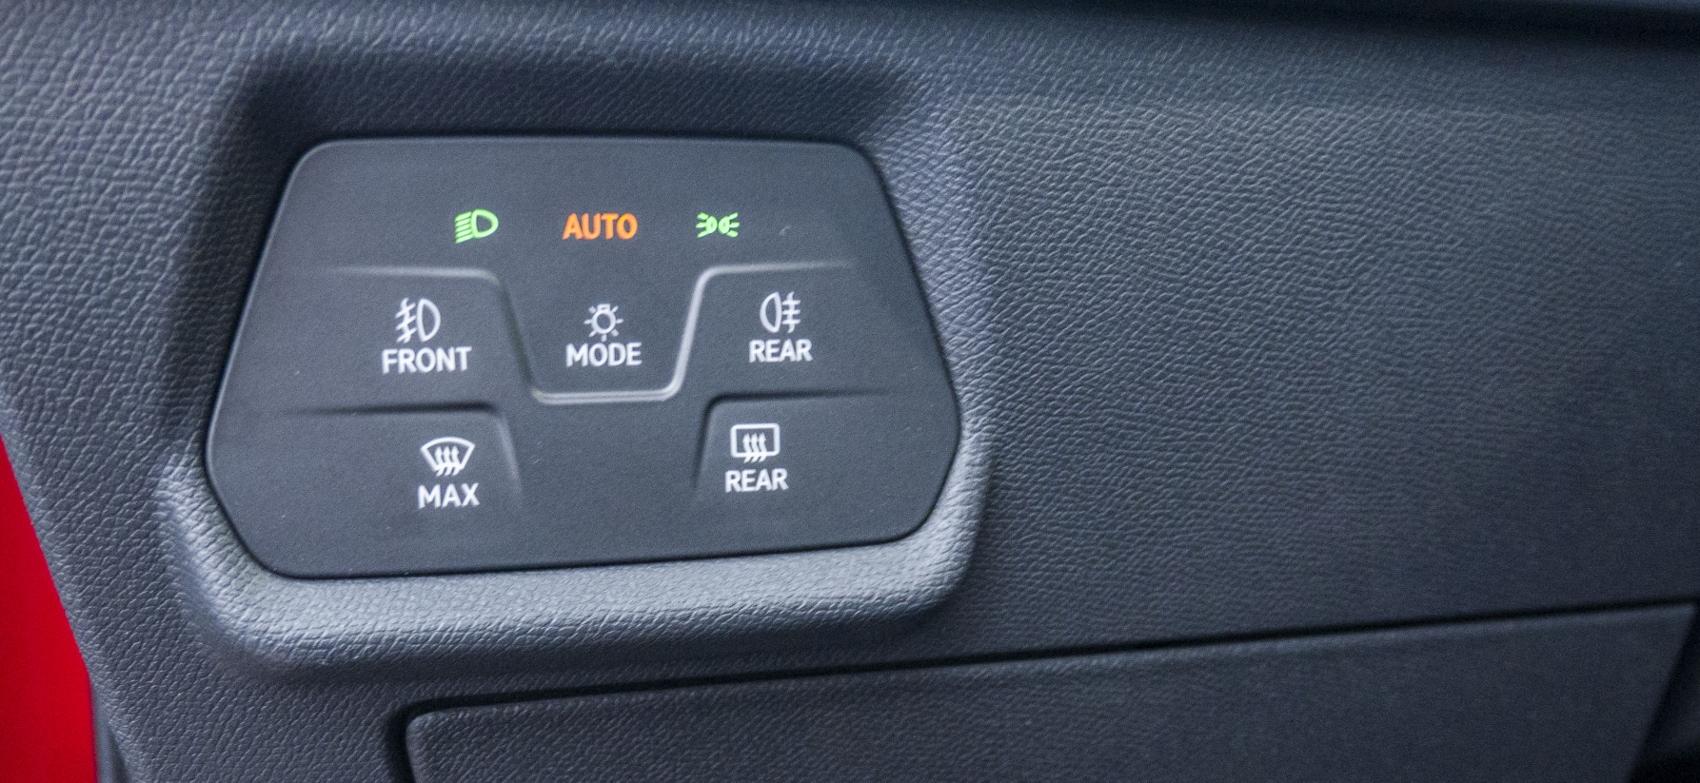 Test: Nový Seat Leon láka na moderné technológie  Tte0HKEkrj seat-leon-39